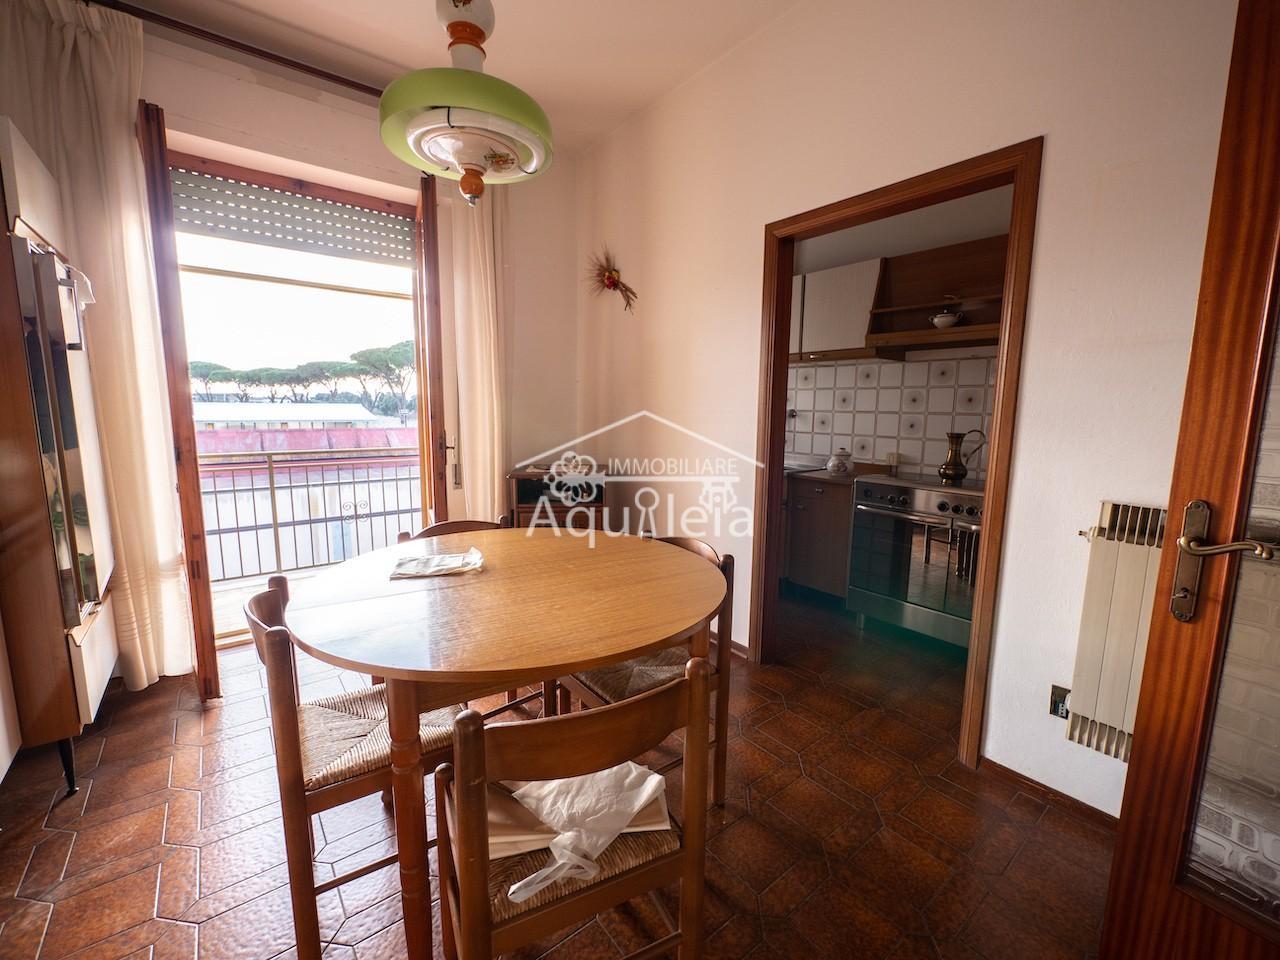 Appartamento in vendita, rif. AQ 1848